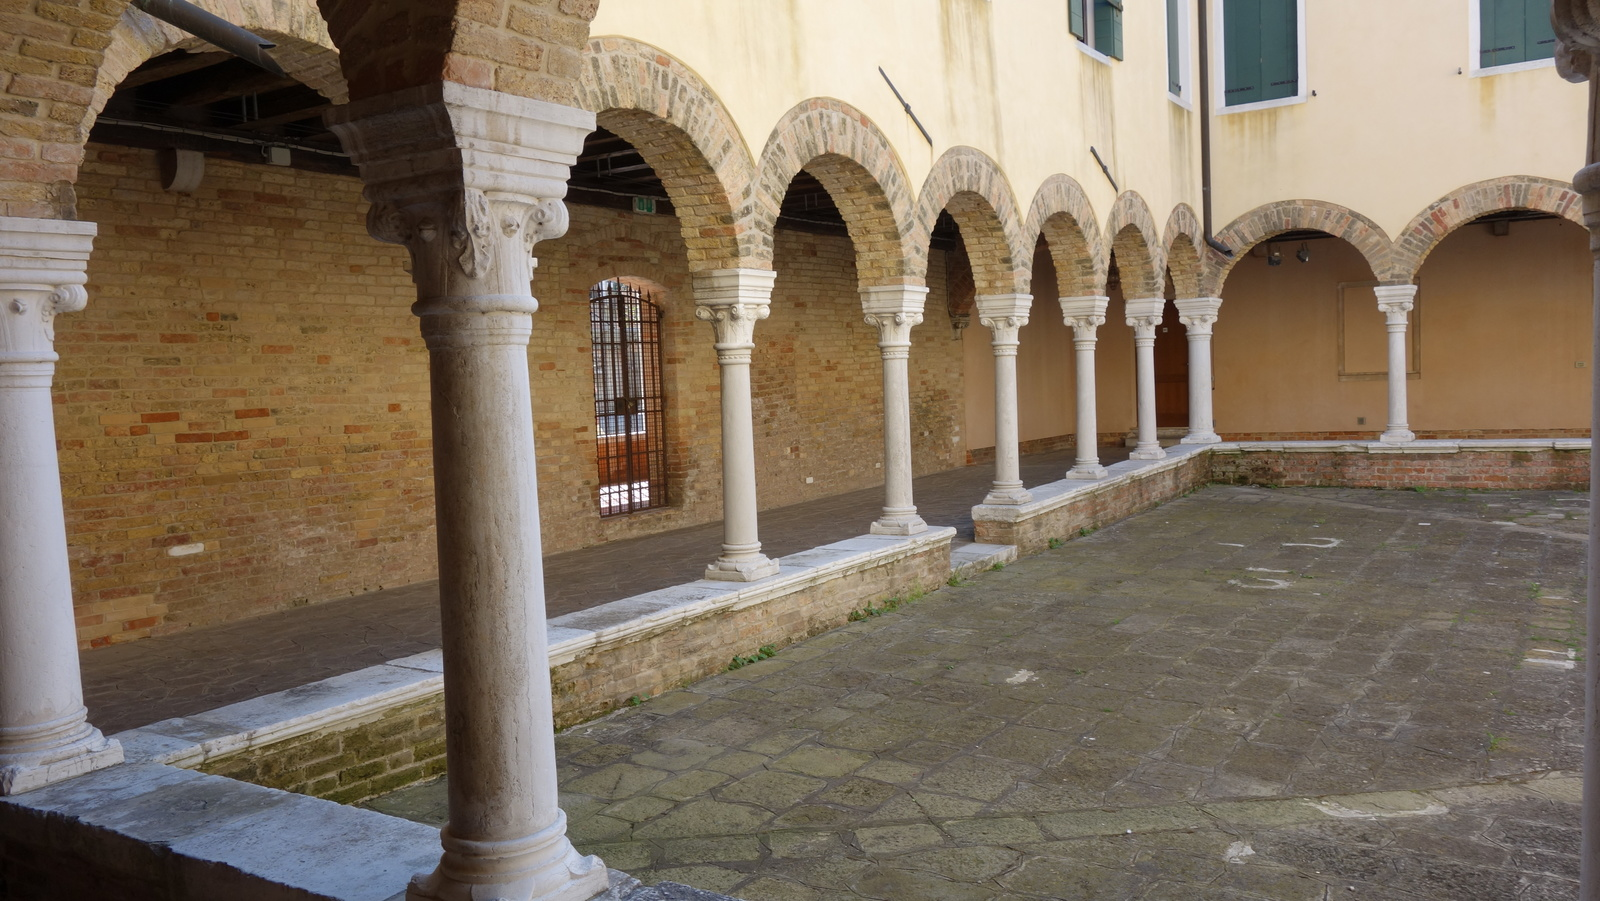 065 - San Francesco della Vigna